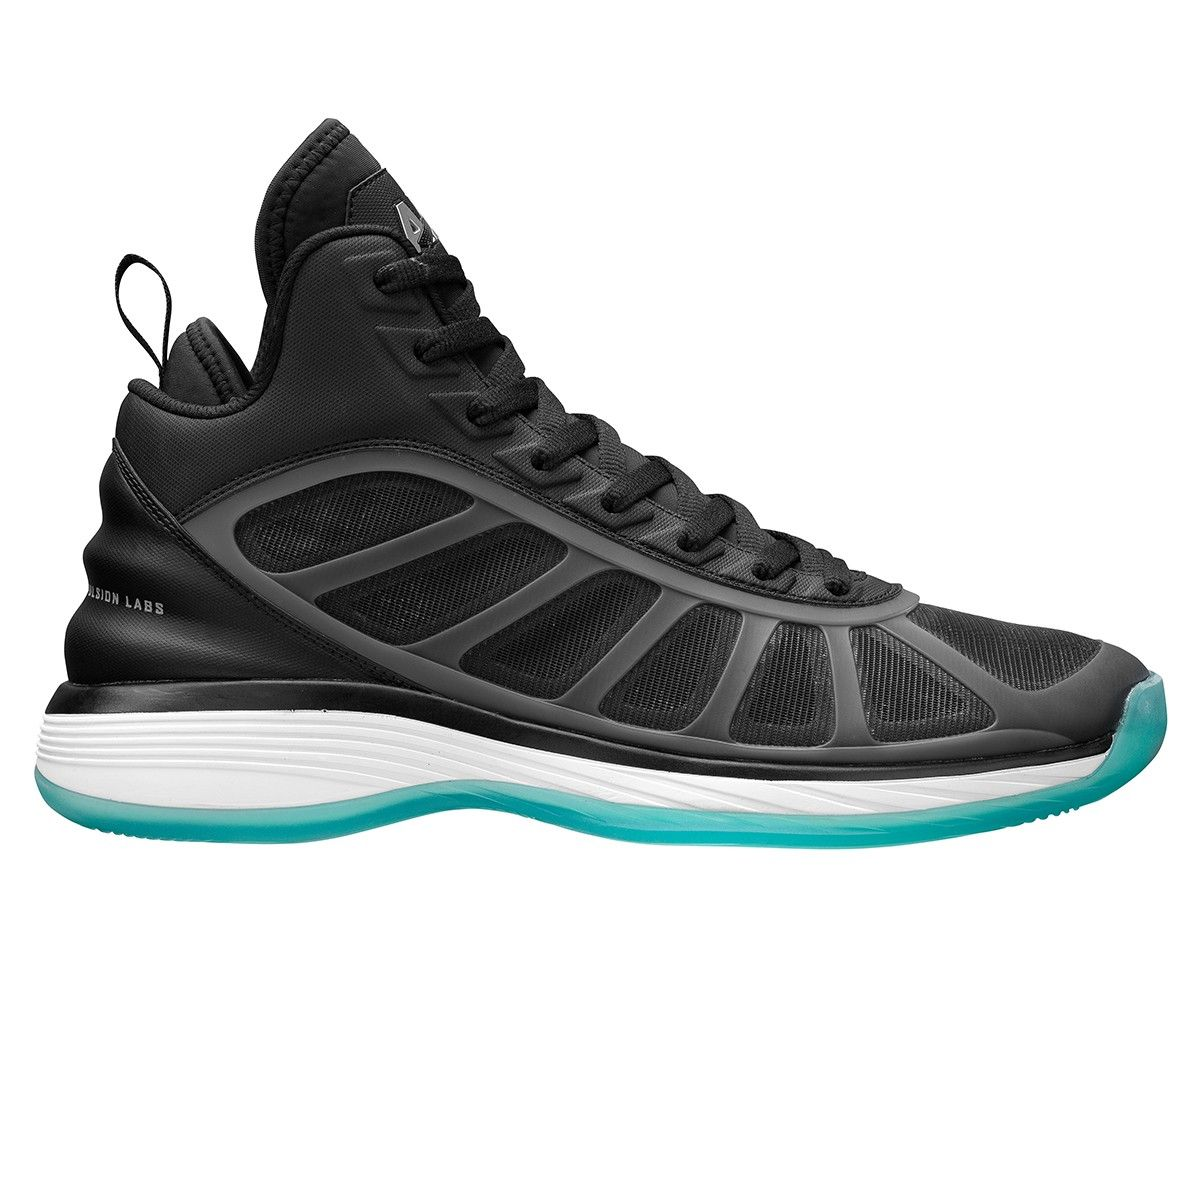 Shoes mens, Mens basketball, Black onyx